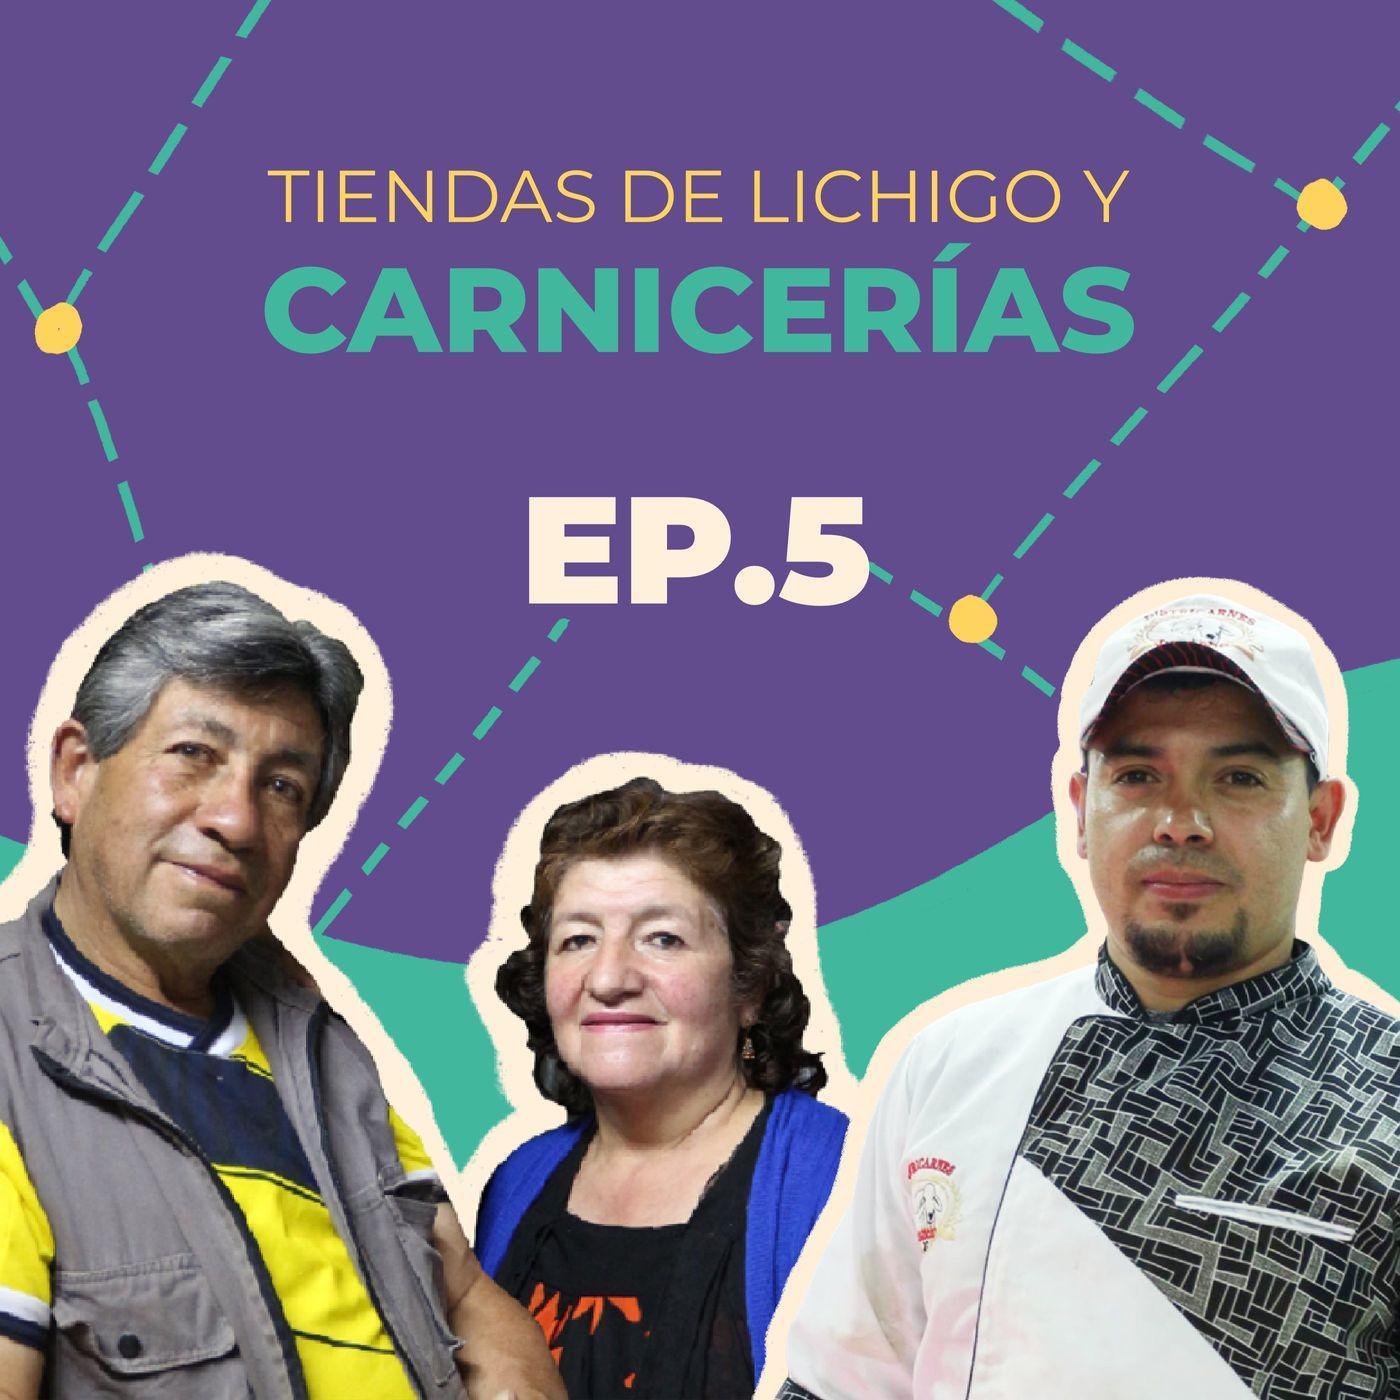 Tiendas de Lichigo y carnicerías en Bogotá | Bacatáfono: Historia entre-tiendas | EP5.T2